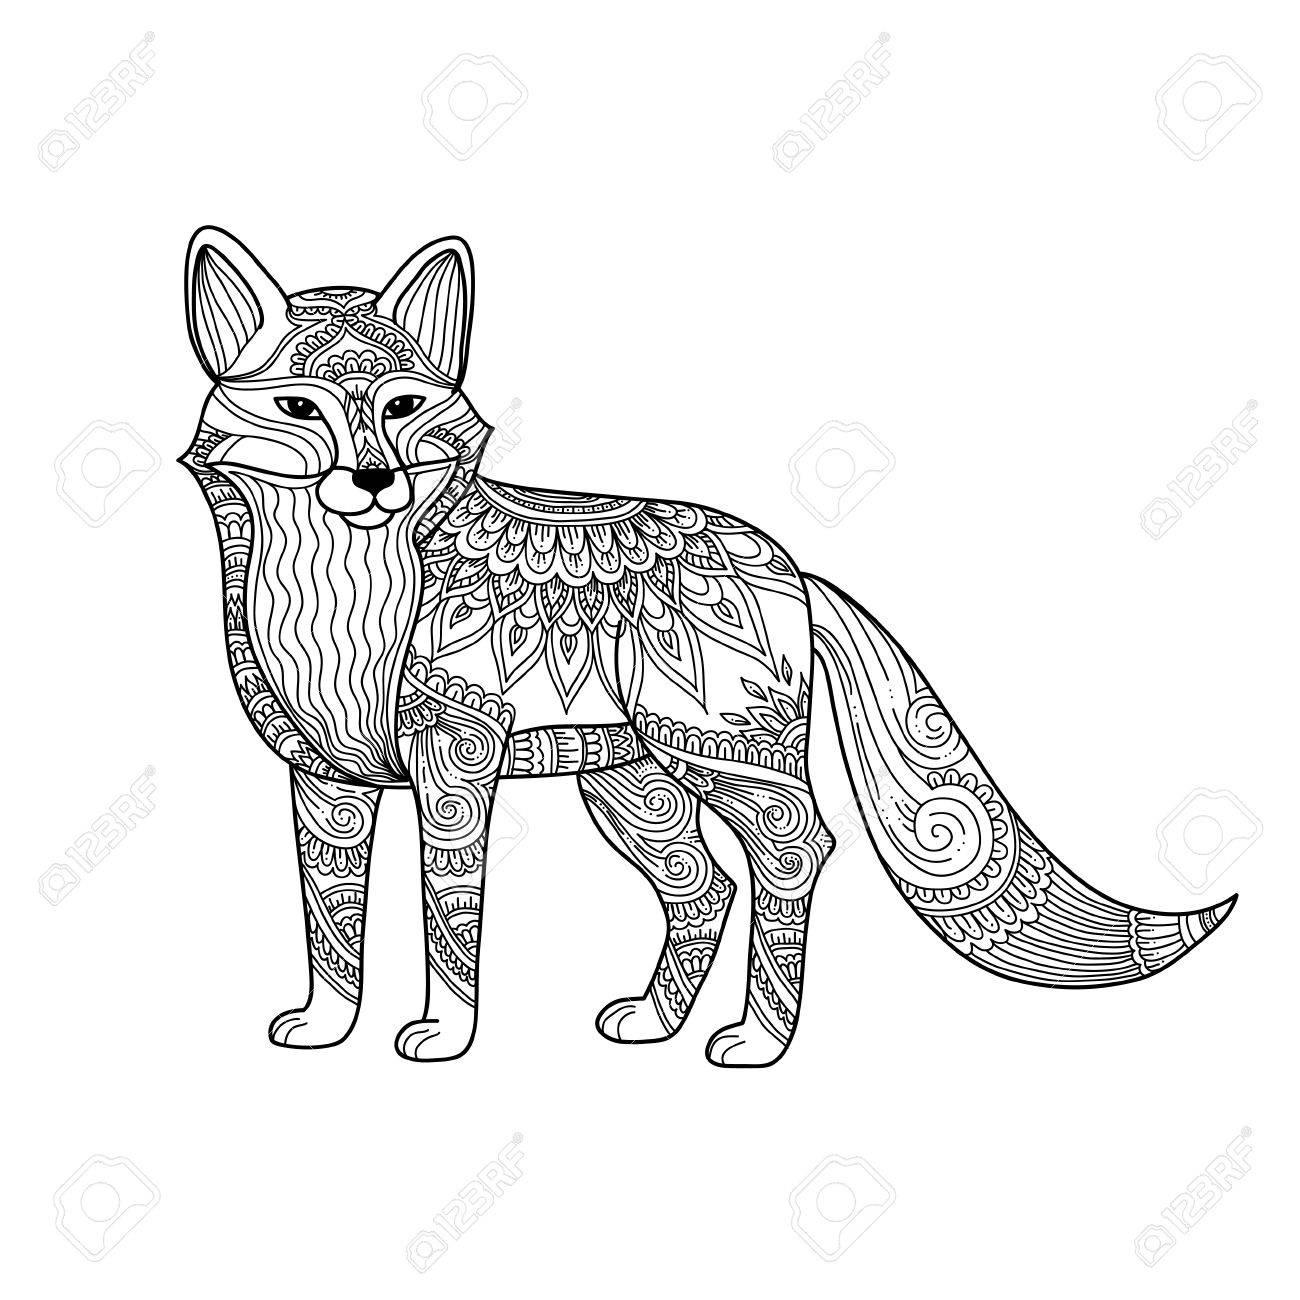 1300x1300 Stylized Fox In Doodles. Pattern Style Zentangle. Vector Sketch